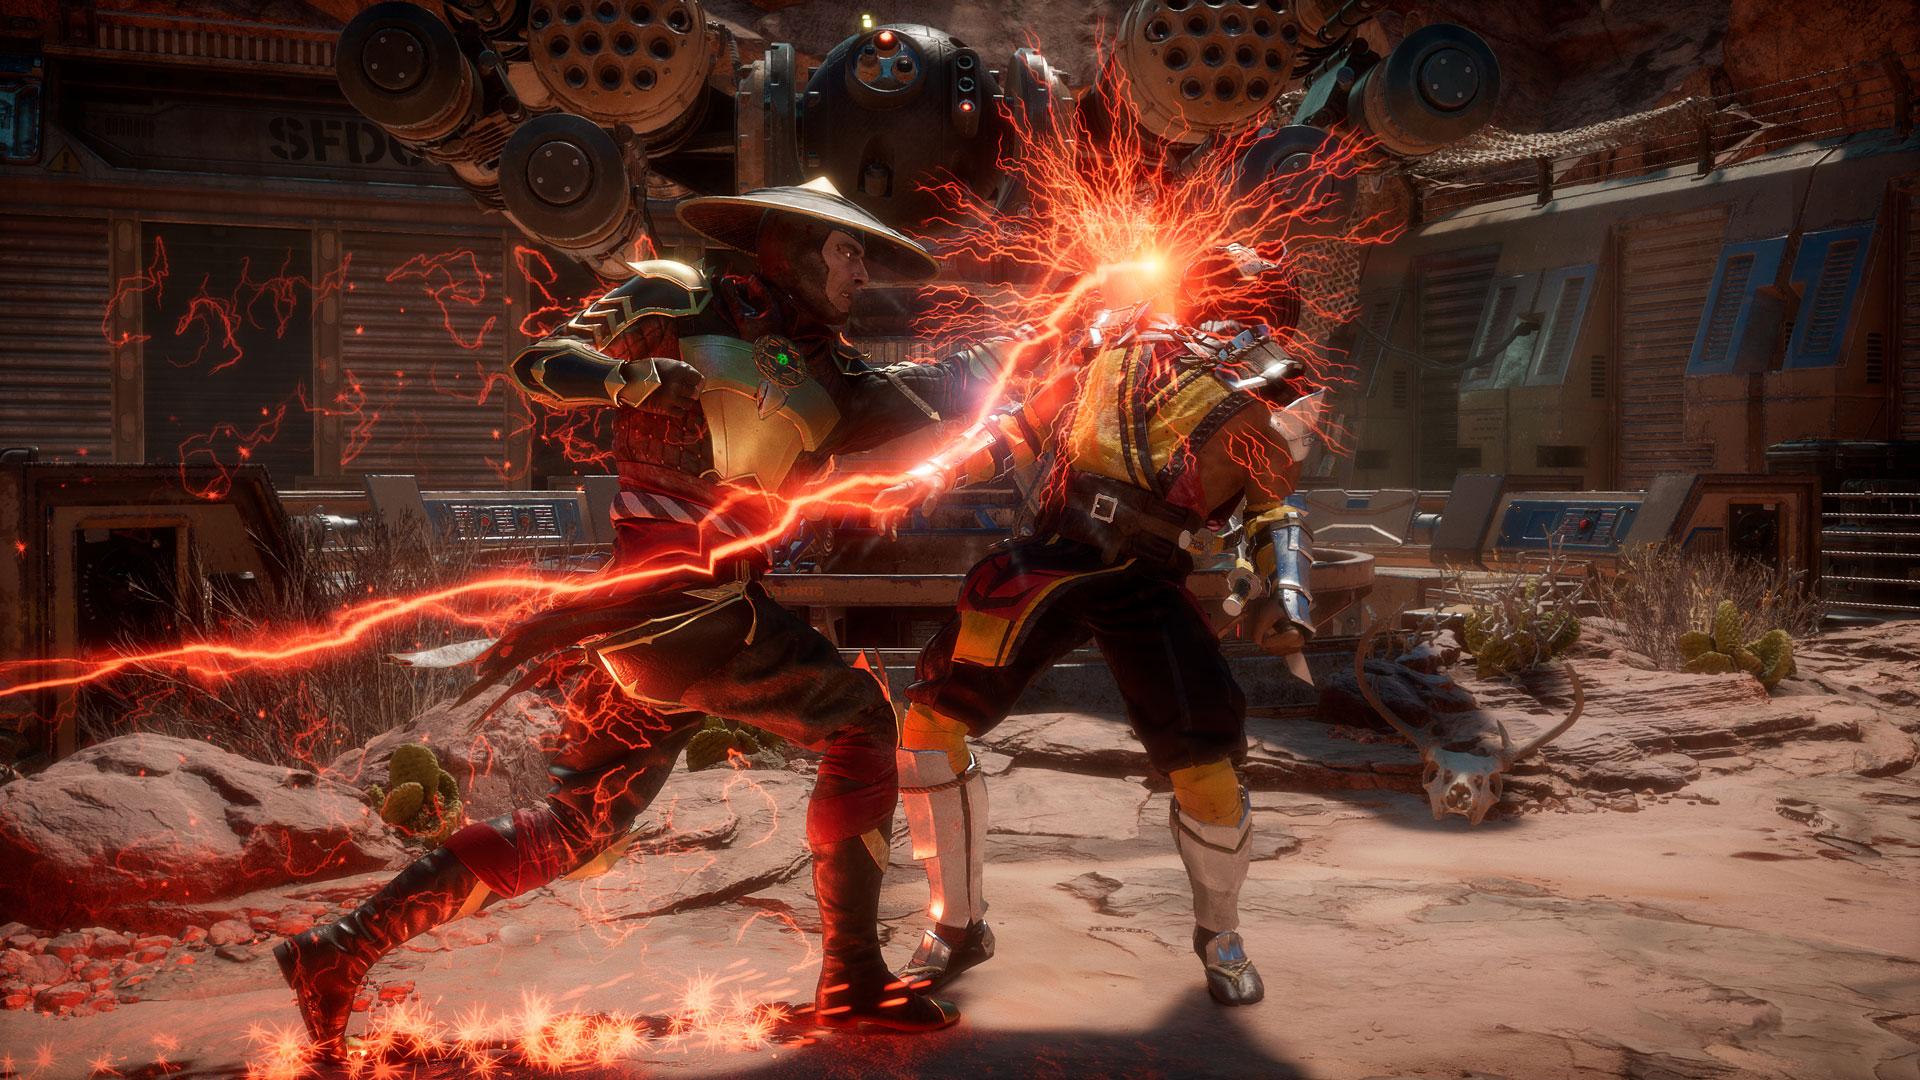 Прокат Mortal Kombat 11 на PS4